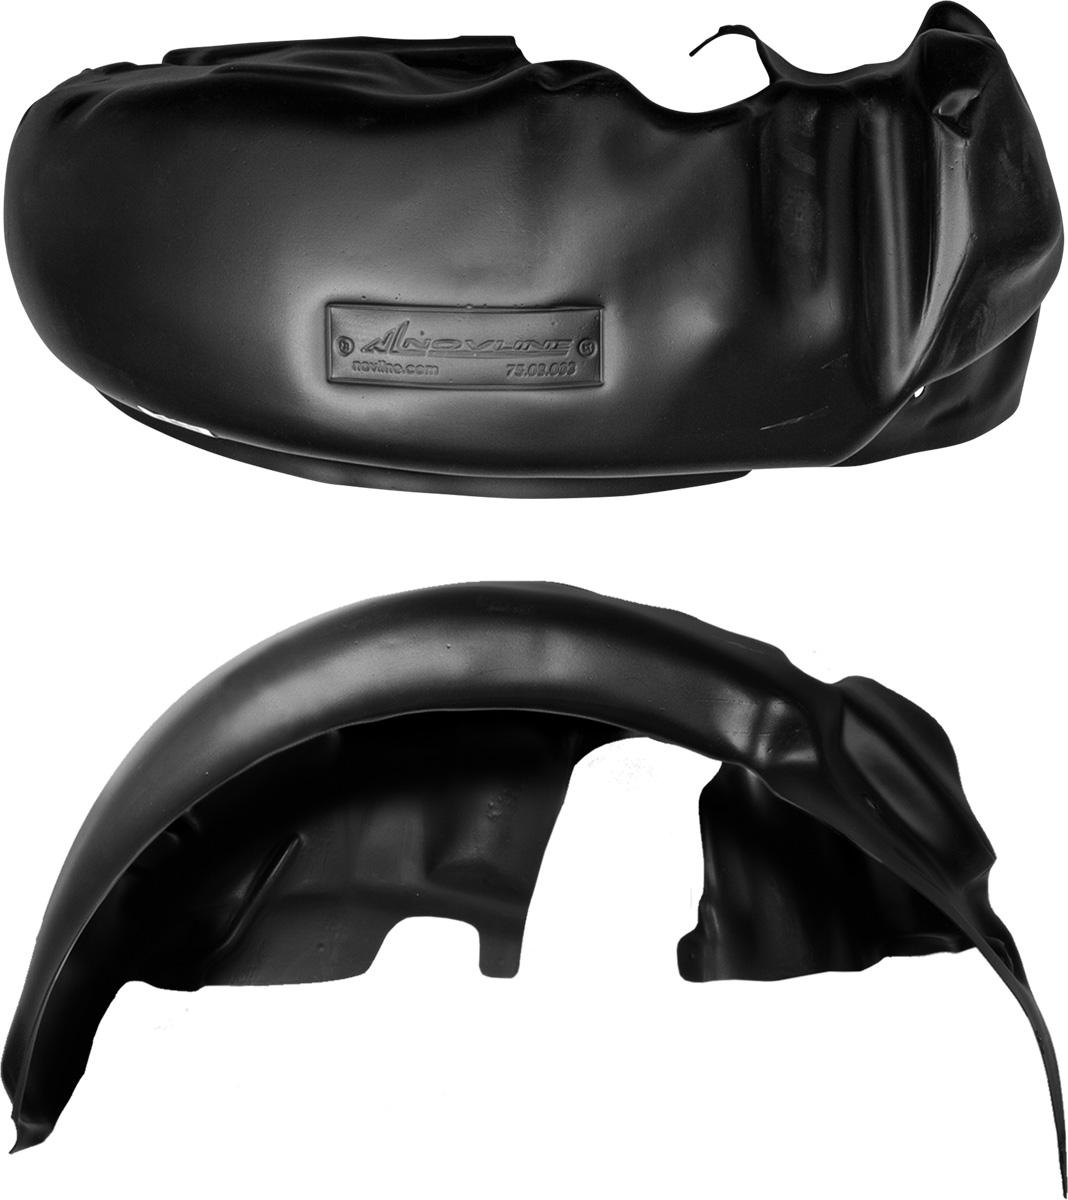 Подкрылок Novline-Autofamily, для Geely Emgrand EC7, 2011->, передний правыйNLL.75.05.002Колесные ниши - одни из самых уязвимых зон днища вашего автомобиля. Они постоянно подвергаются воздействию со стороны дороги. Лучшая, почти абсолютная защита для них - специально отформованные пластиковые кожухи, которые называются подкрылками. Производятся они как для отечественных моделей автомобилей, так и для иномарок. Подкрылки Novline-Autofamily выполнены из высококачественного, экологически чистого пластика. Обеспечивают надежную защиту кузова автомобиля от пескоструйного эффекта и негативного влияния, агрессивных антигололедных реагентов. Пластик обладает более низкой теплопроводностью, чем металл, поэтому в зимний период эксплуатации использование пластиковых подкрылков позволяет лучше защитить колесные ниши от налипания снега и образования наледи. Оригинальность конструкции подчеркивает элегантность автомобиля, бережно защищает нанесенное на днище кузова антикоррозийное покрытие и позволяет осуществить крепление подкрылков внутри колесной арки практически без...